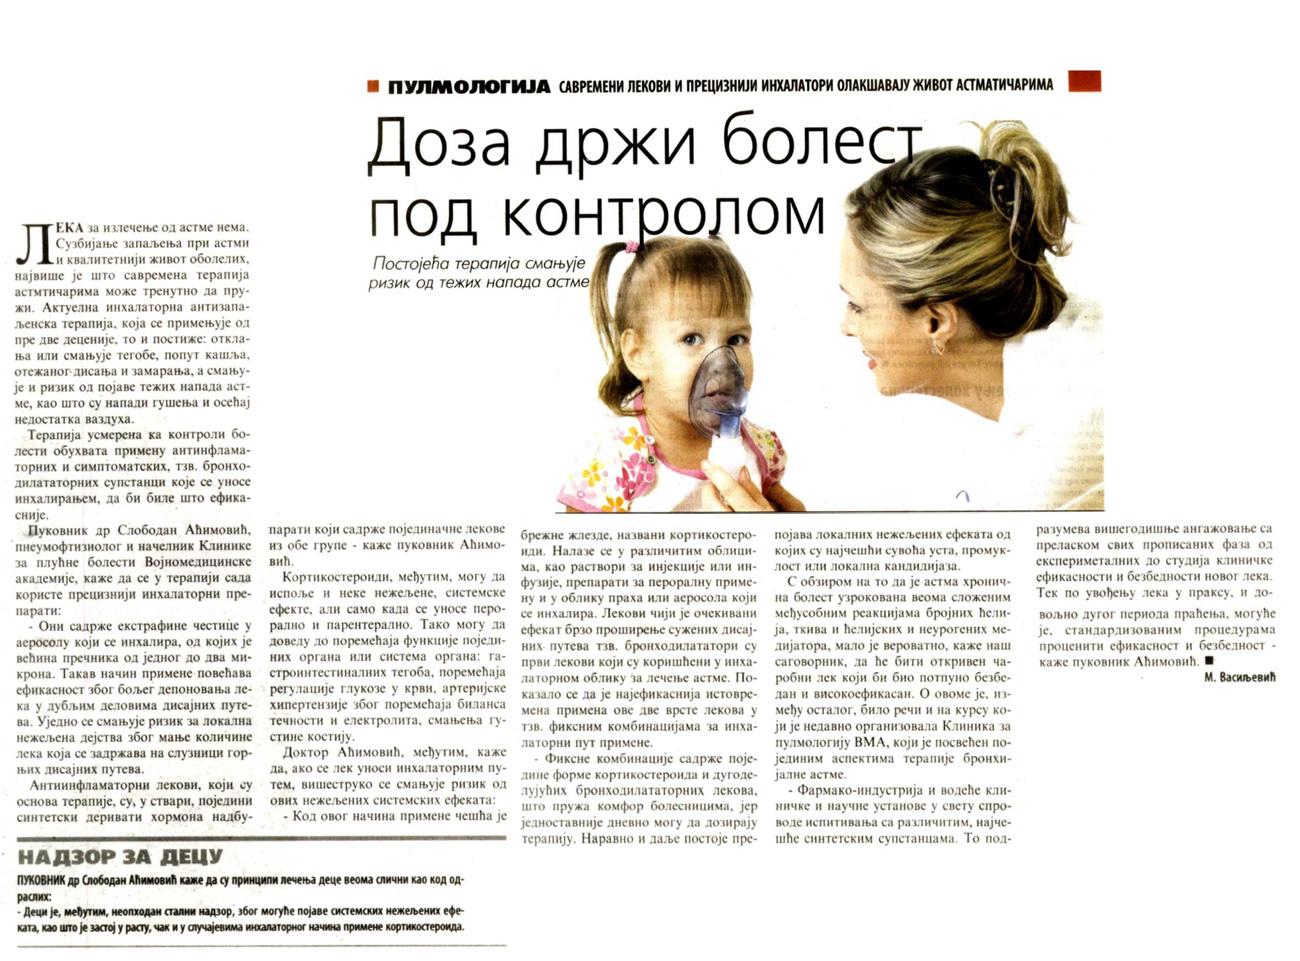 vecernje_novosti_0304.jpg